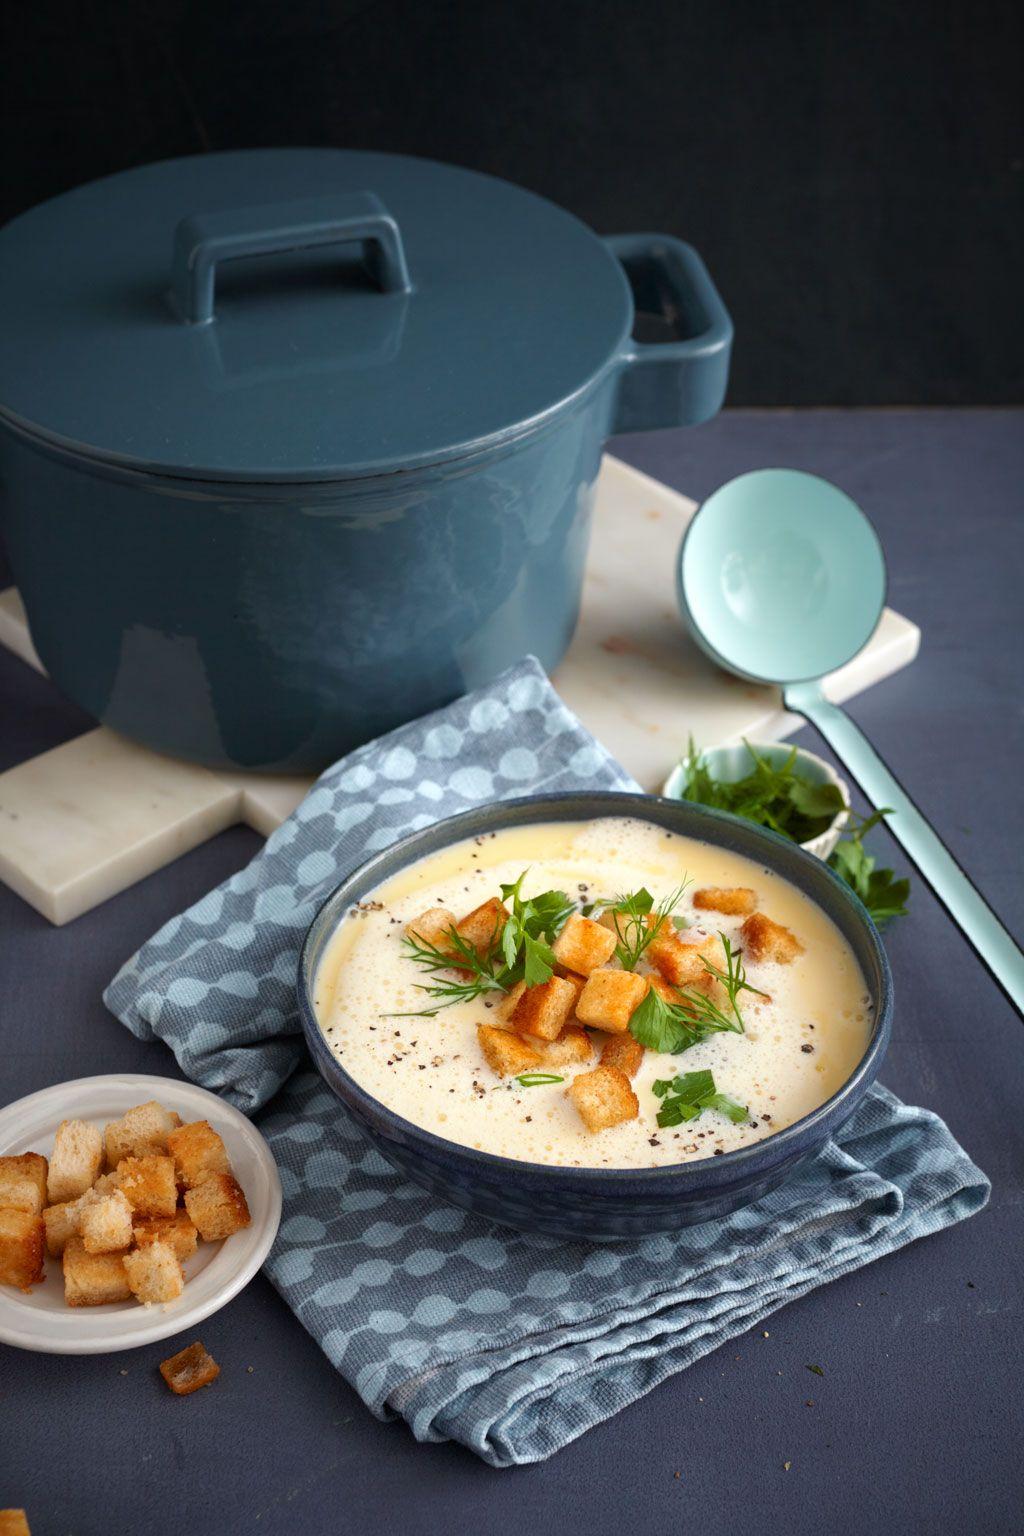 allg uer k sesuppe mit kr utern suppen rezepte pinterest suppen suppe eintopf und eintopf. Black Bedroom Furniture Sets. Home Design Ideas